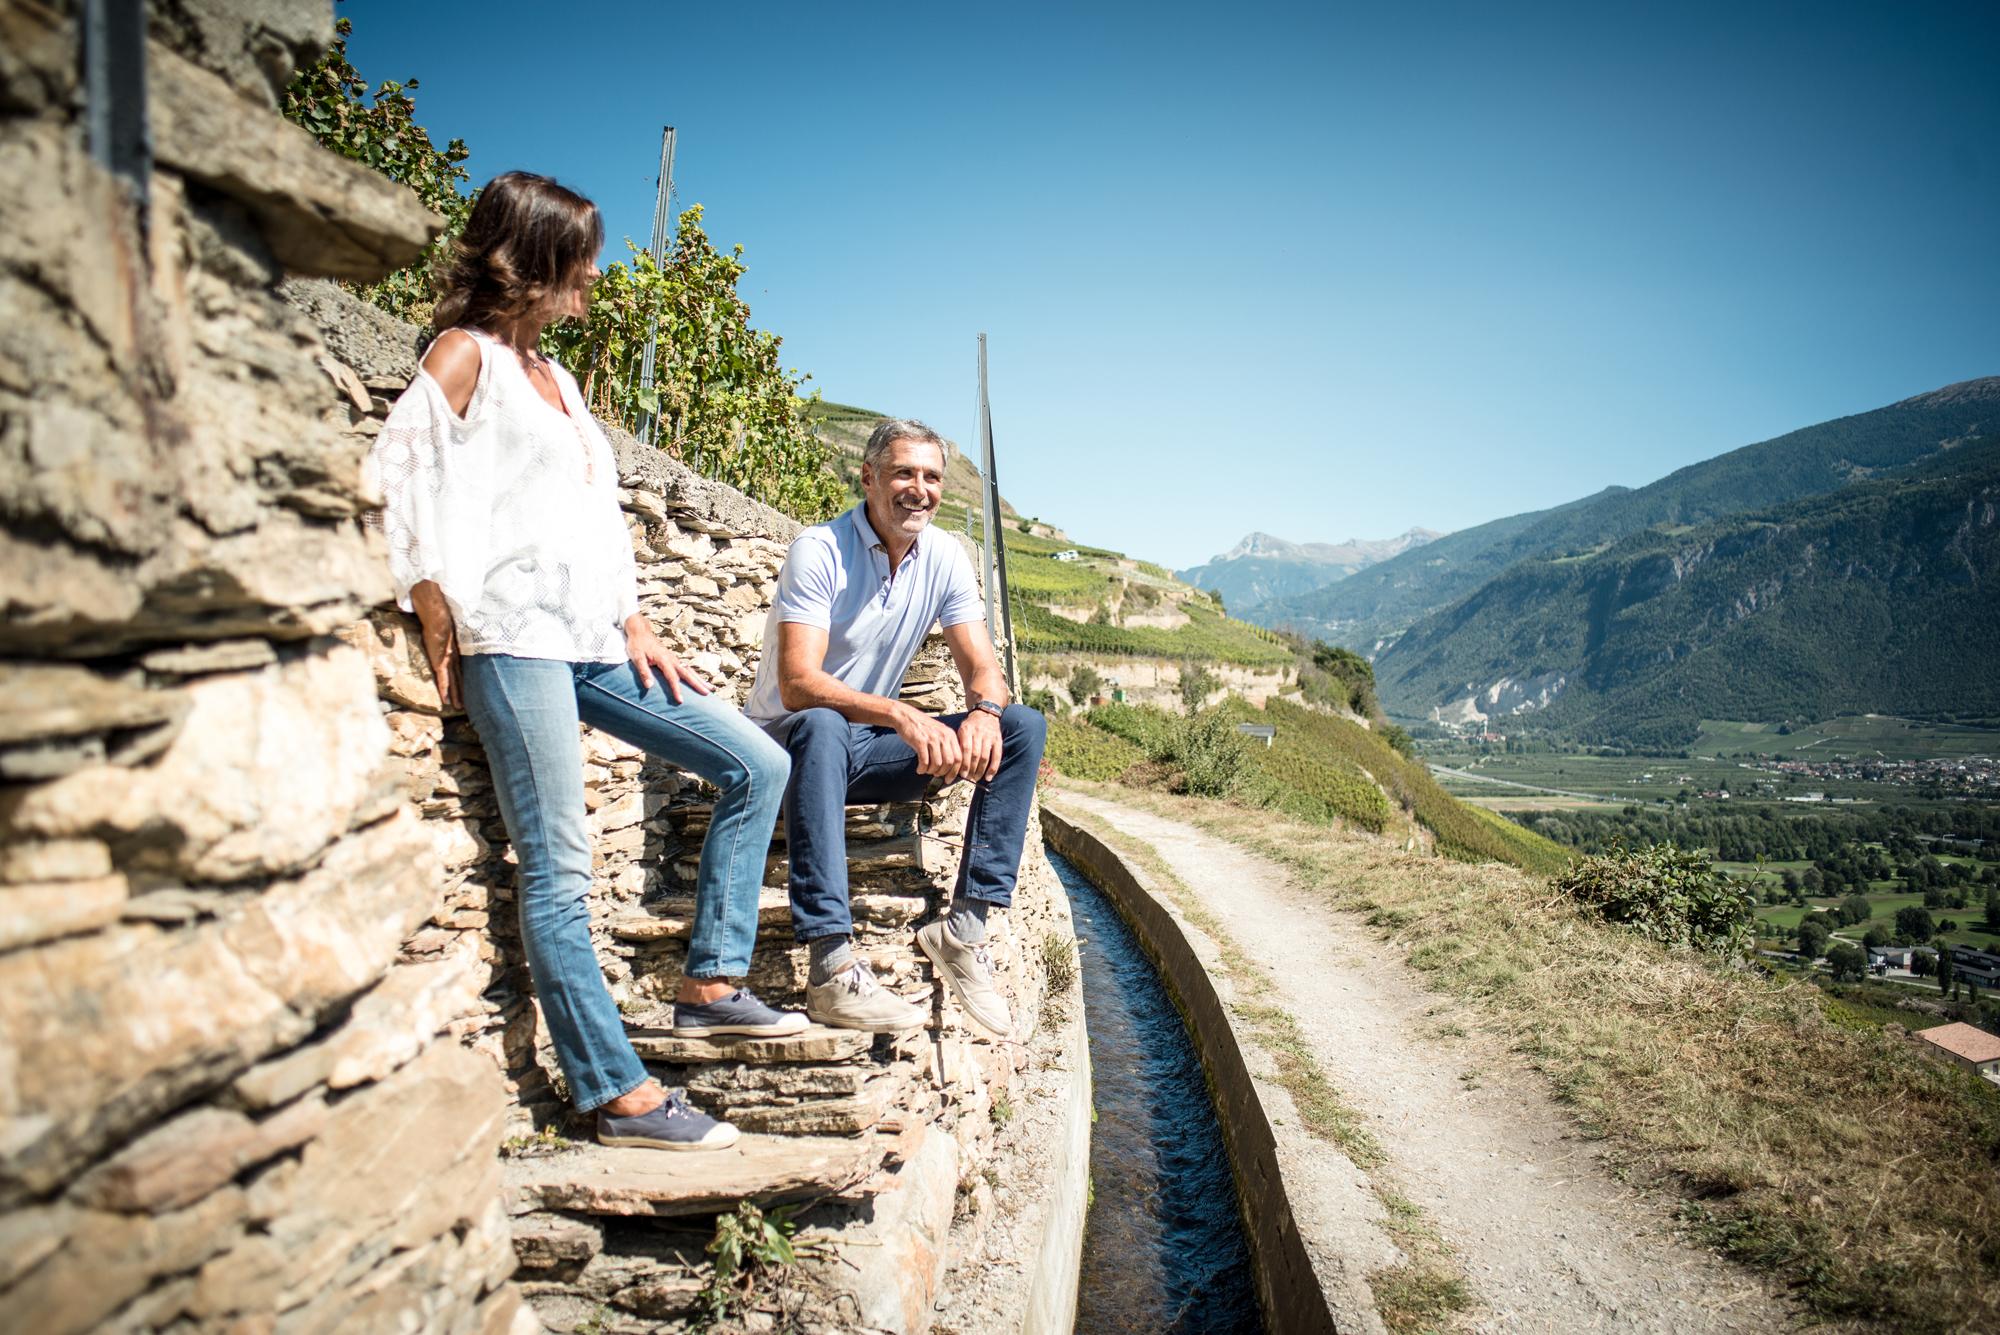 Les plus beaux bisses du Valais - Bisse de Clavau à Sion